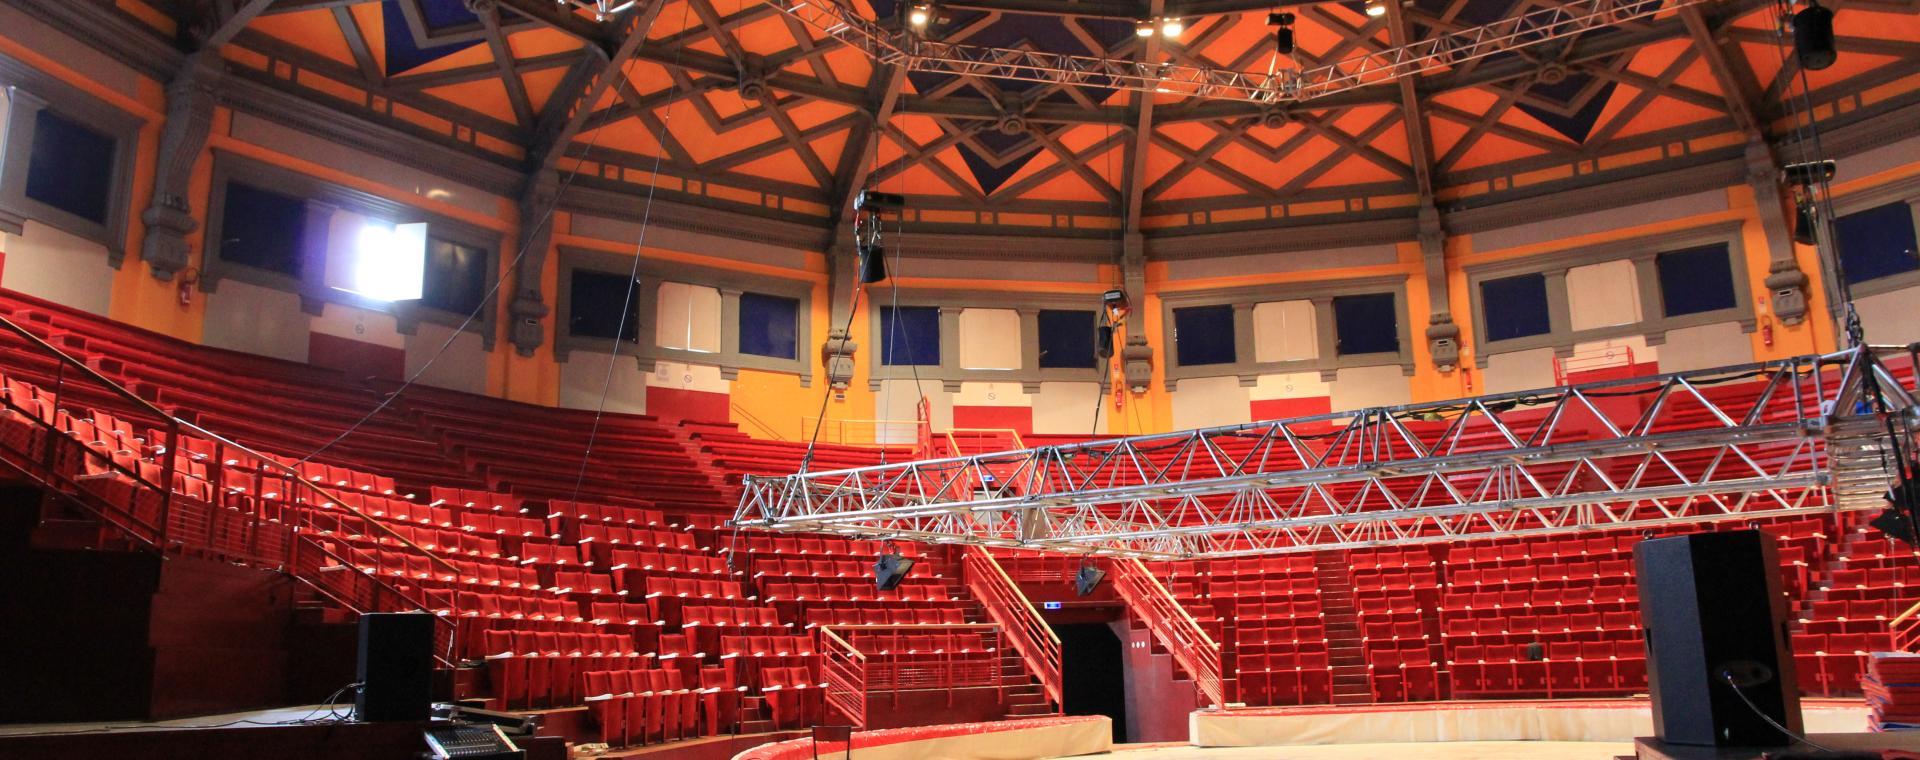 Cirque Jules Verne